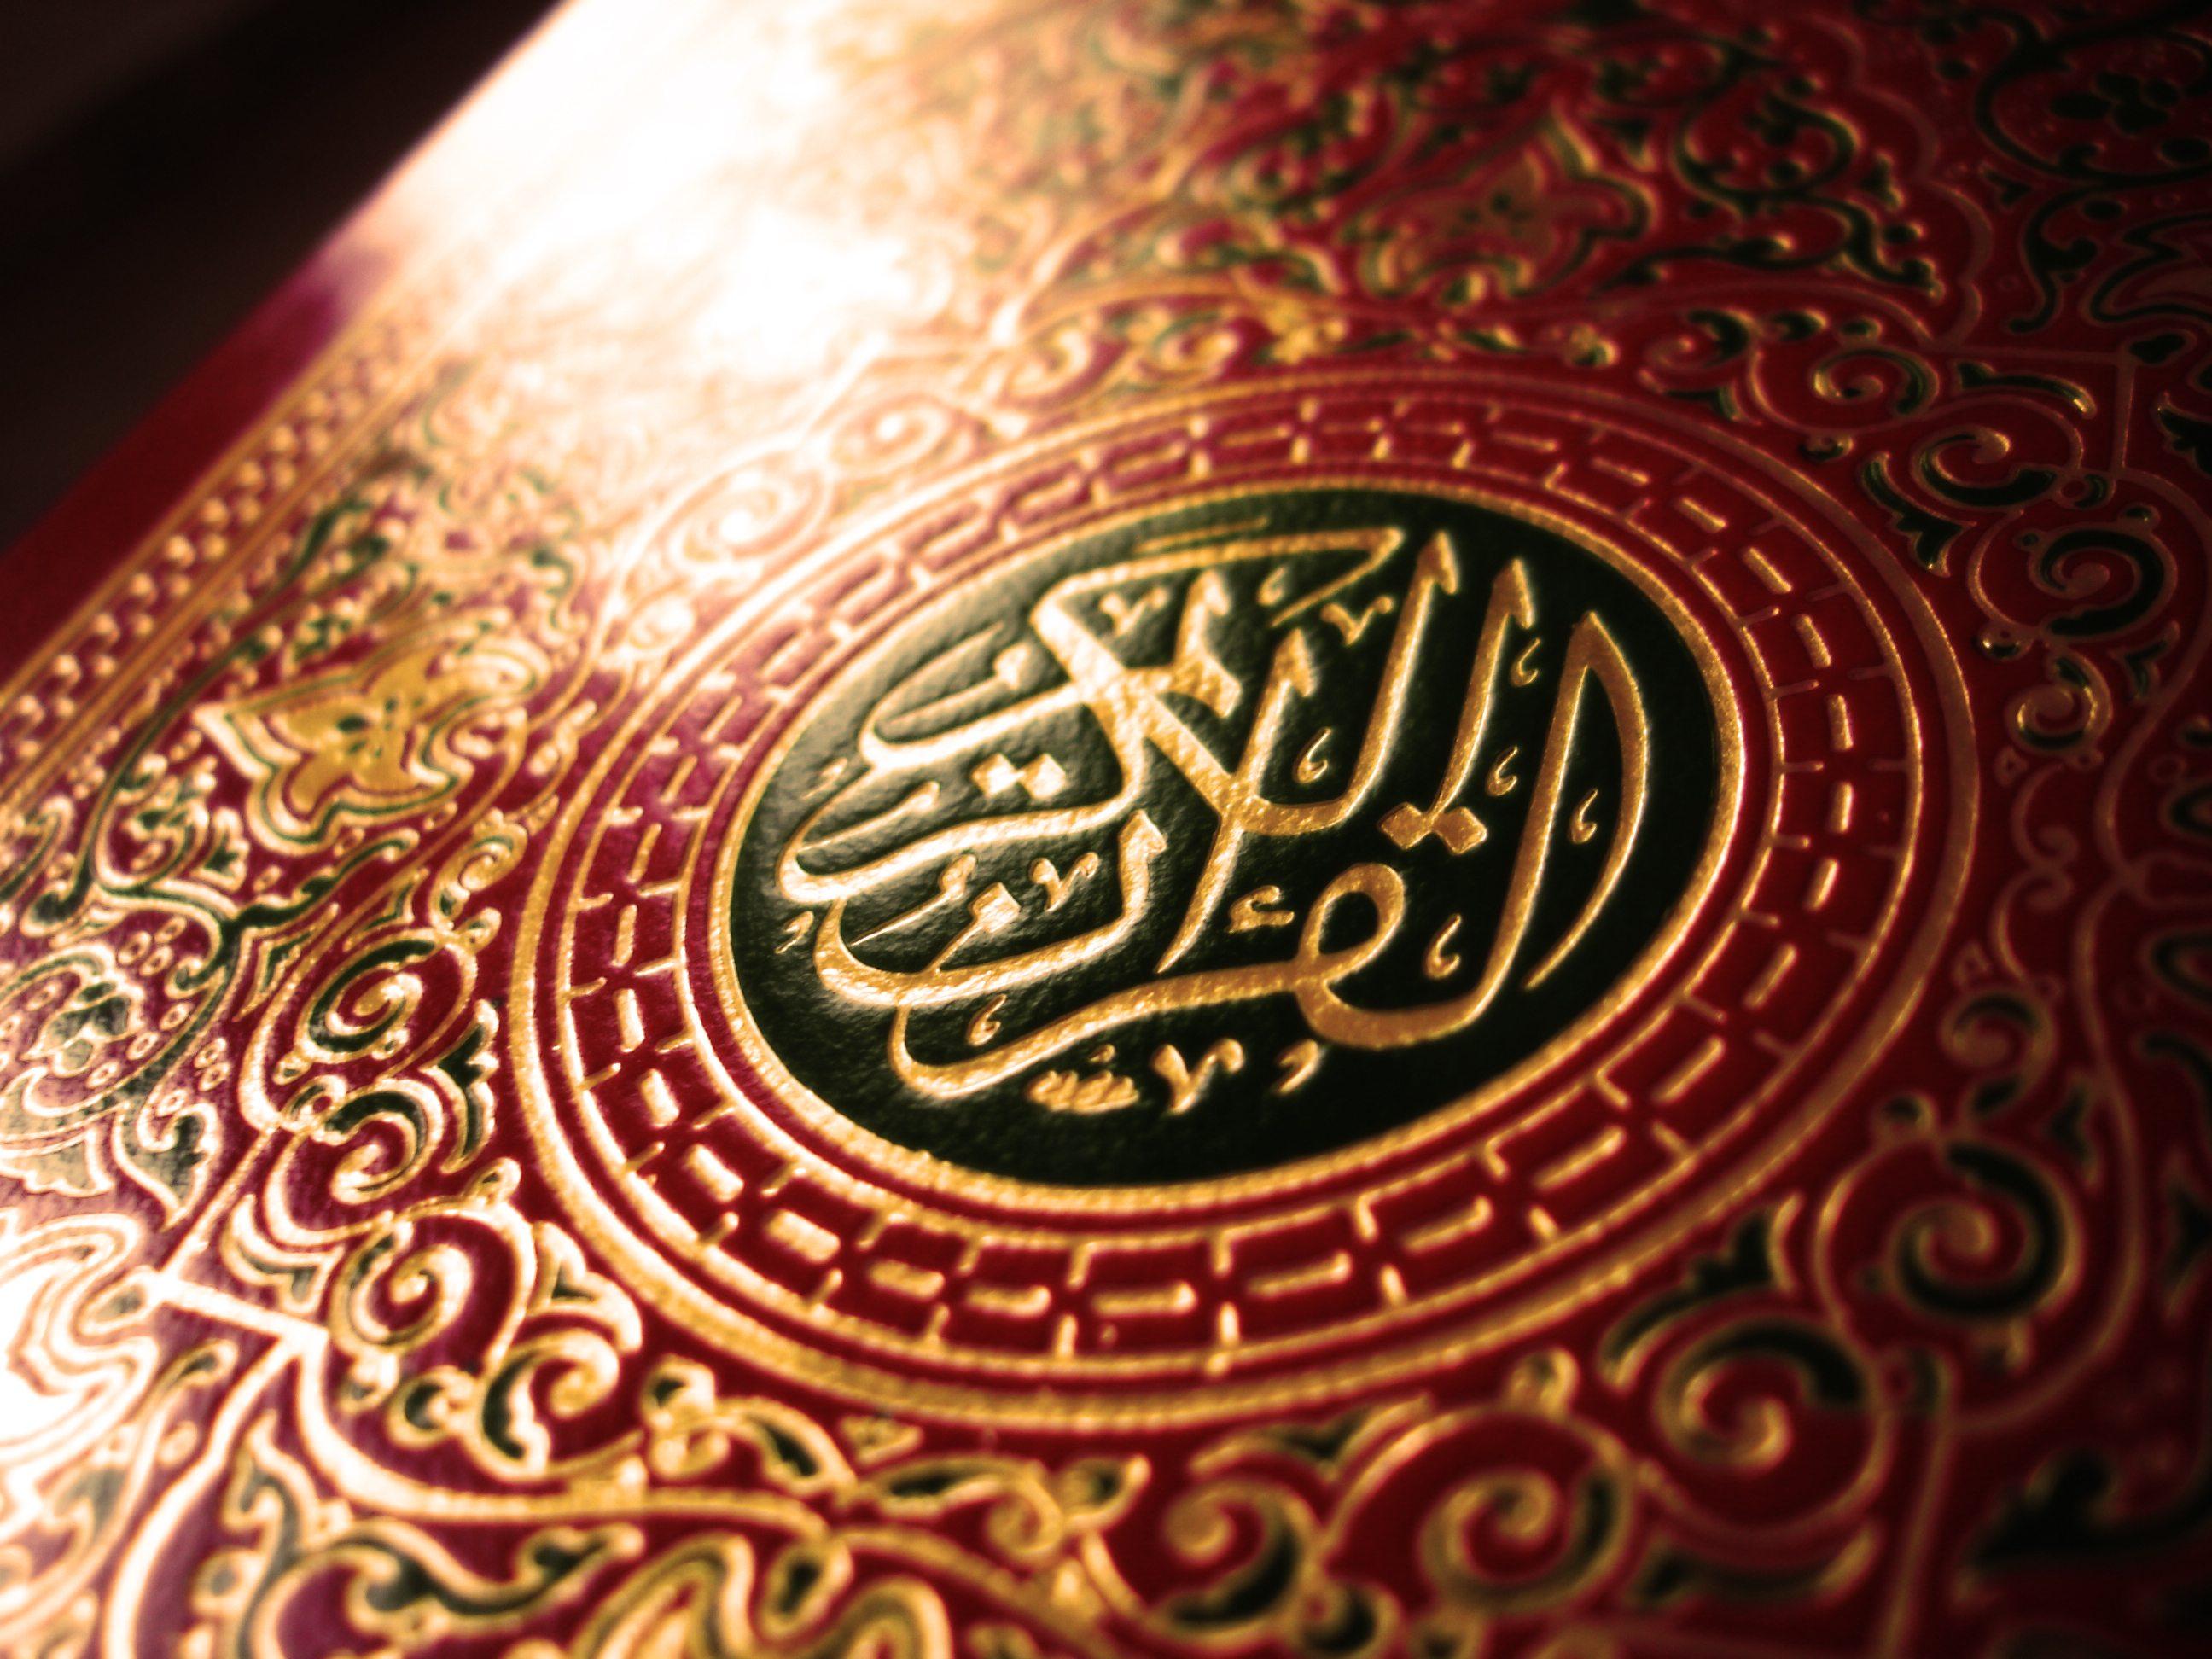 كي نفهم القرآن